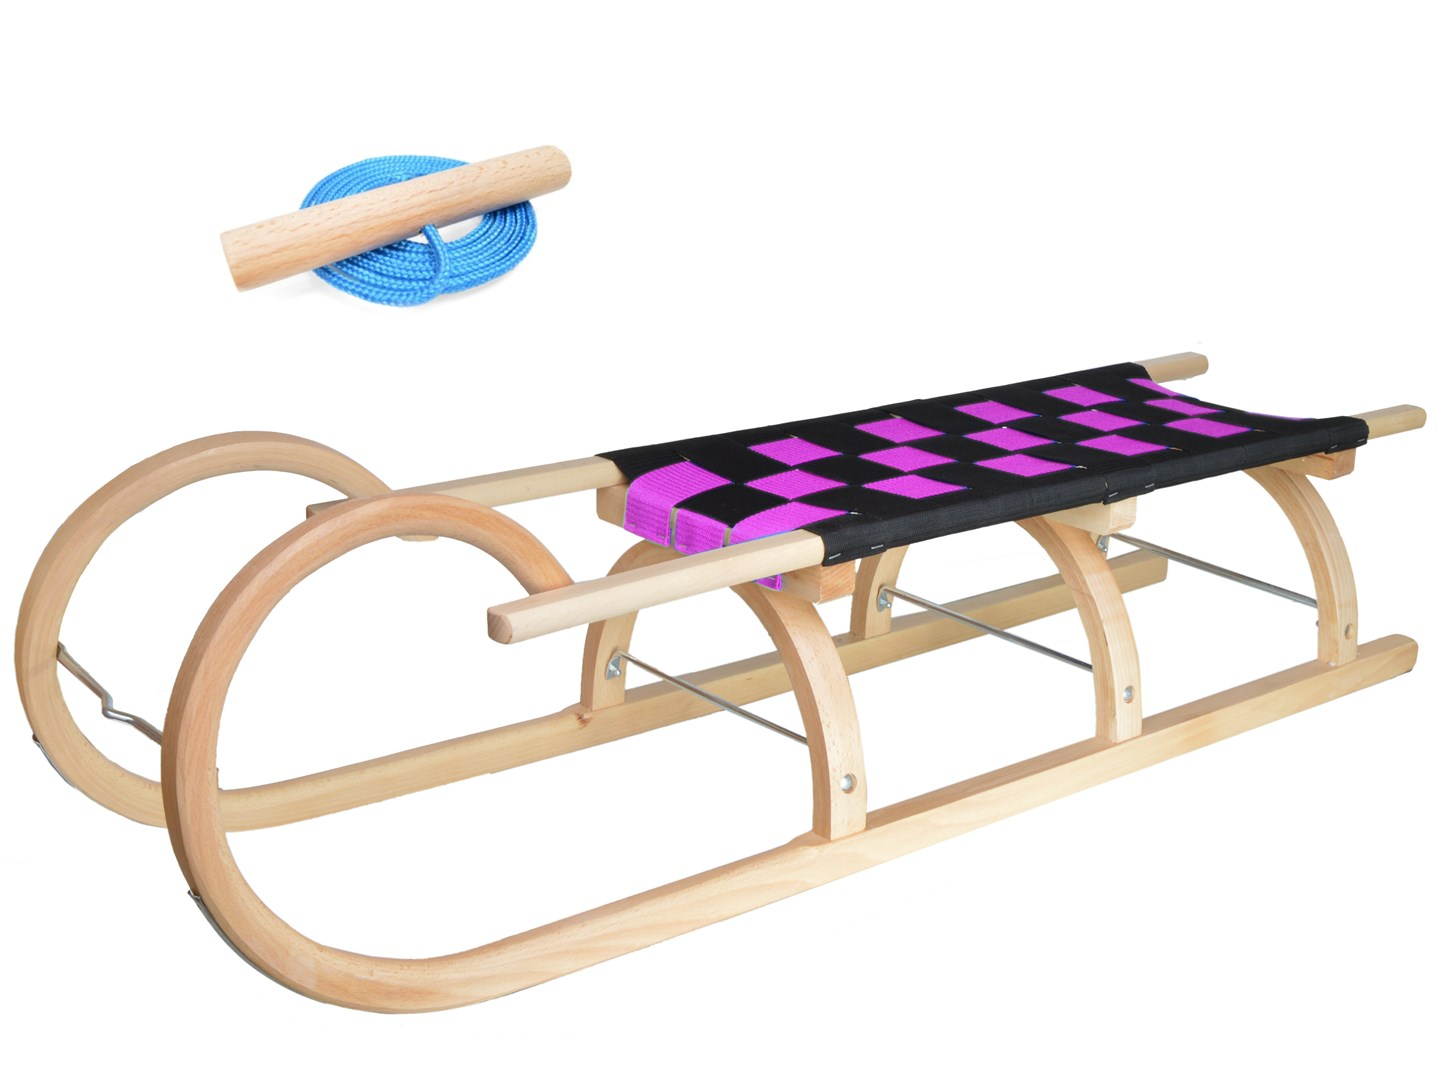 Dřevěné dětské sáňky s fialovým průpletem (se zvýšenou nosností)